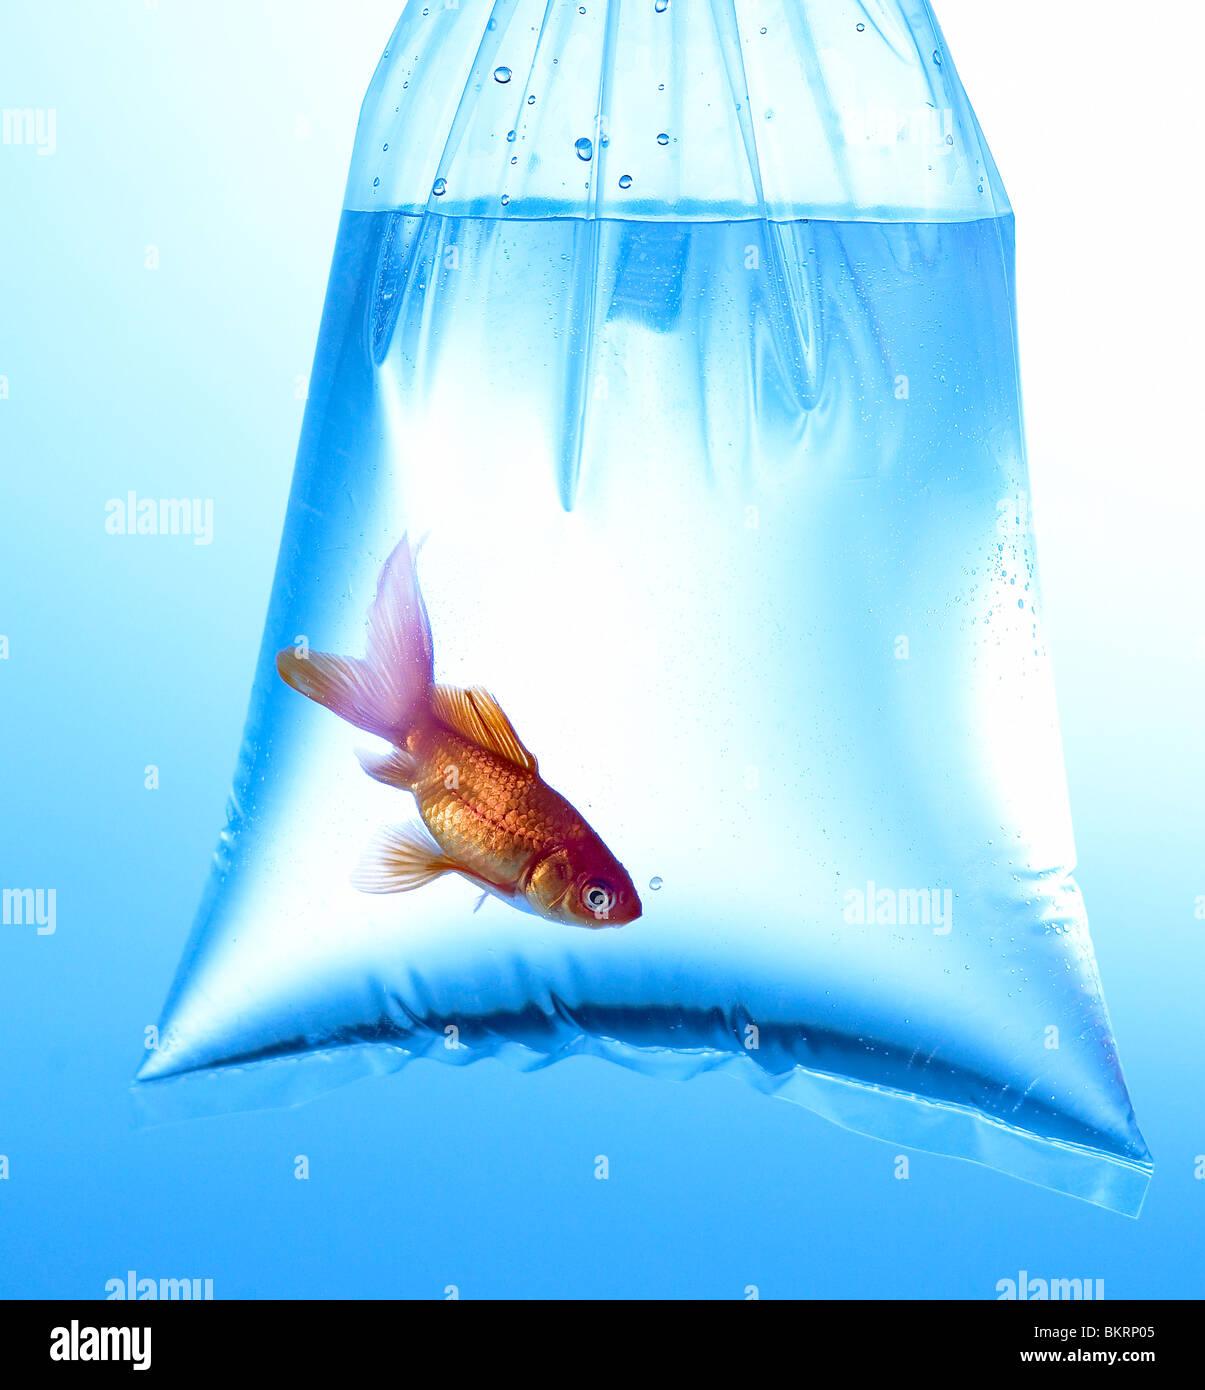 Goldfish en bolsa de plástico transparente, con fondo azul. Imagen De Stock